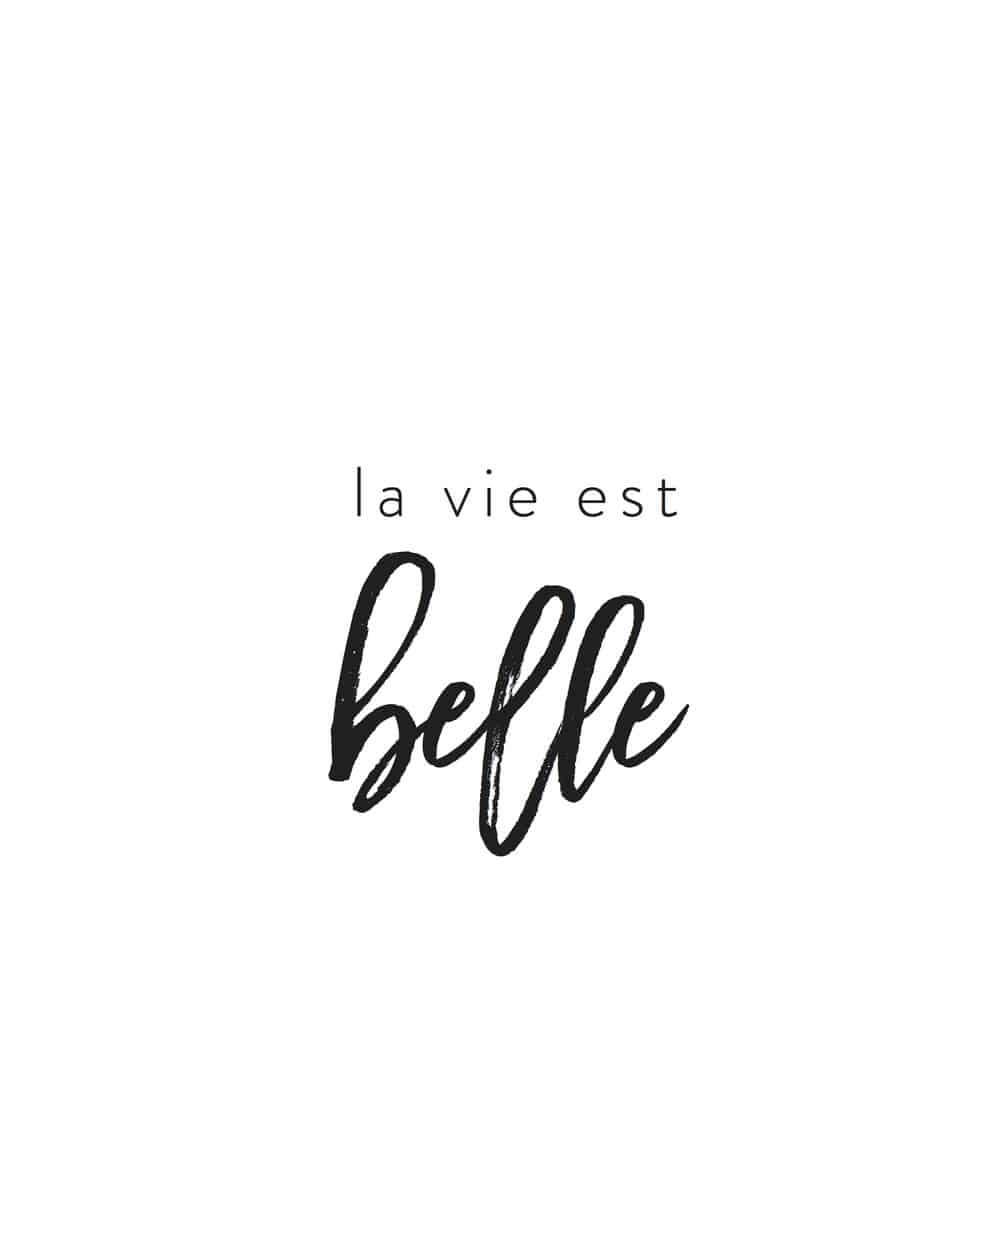 la vie est belle life is beautiful